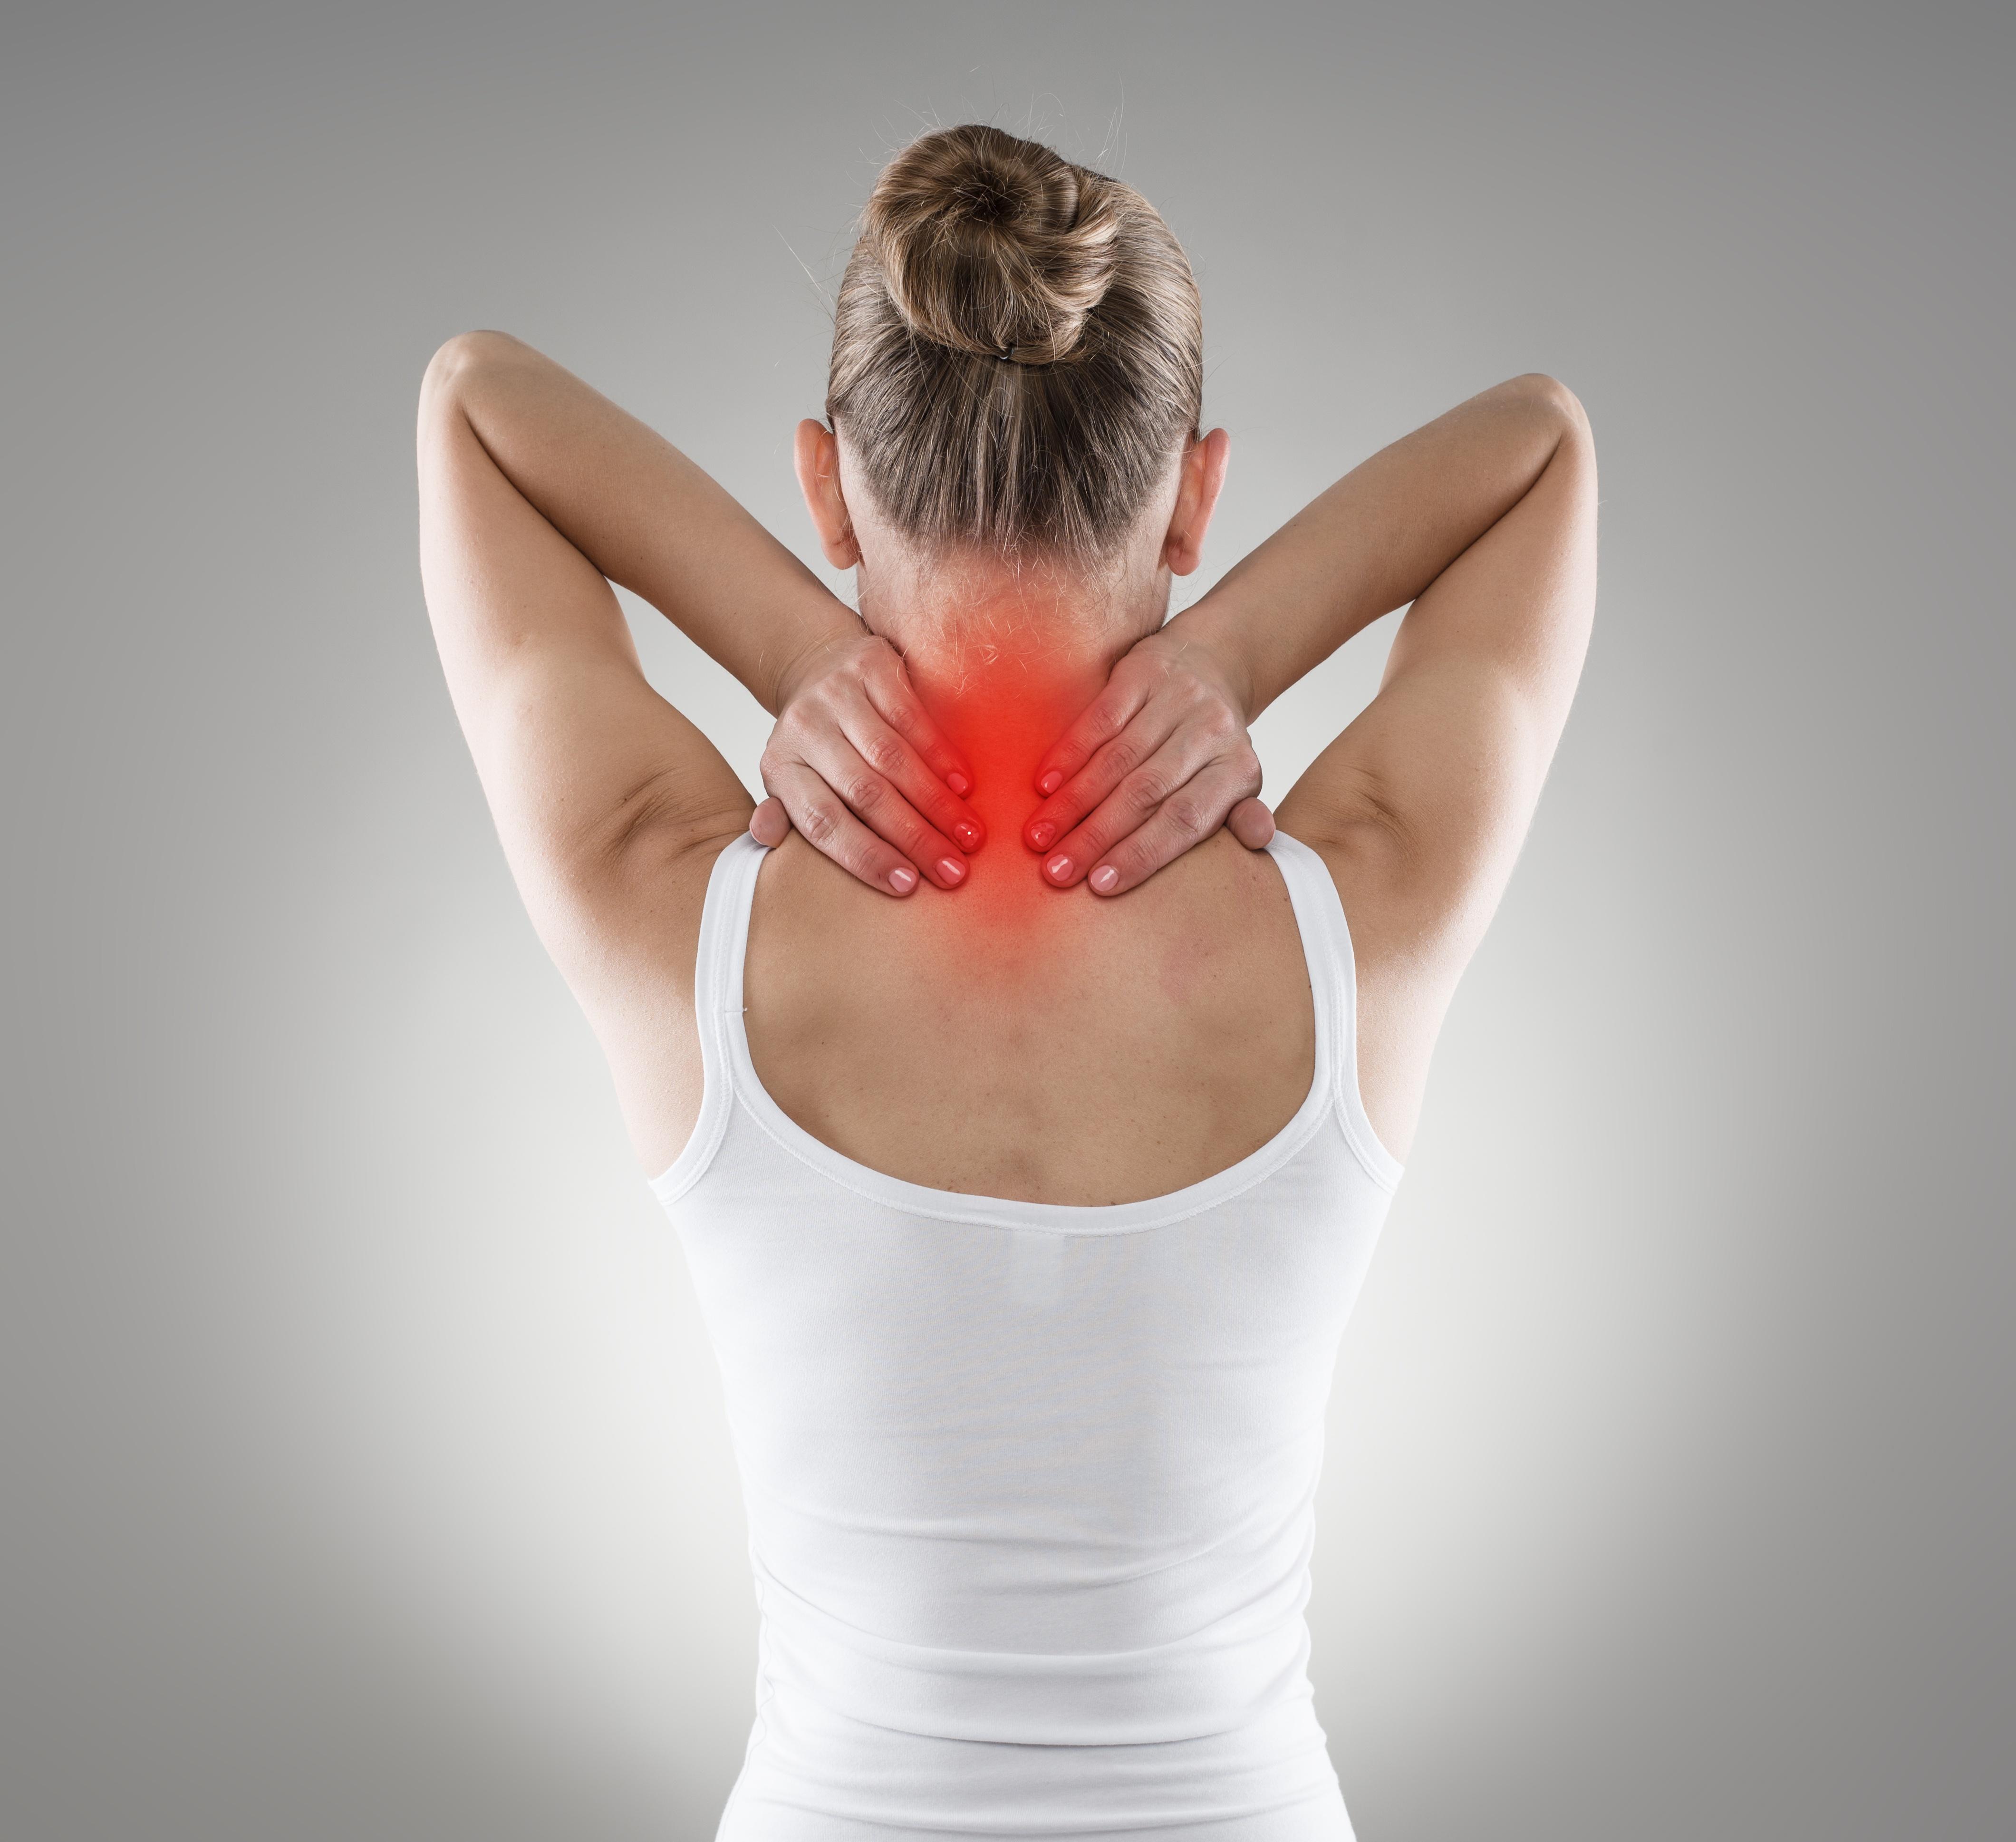 3 at home exercises for cervical spondylosis